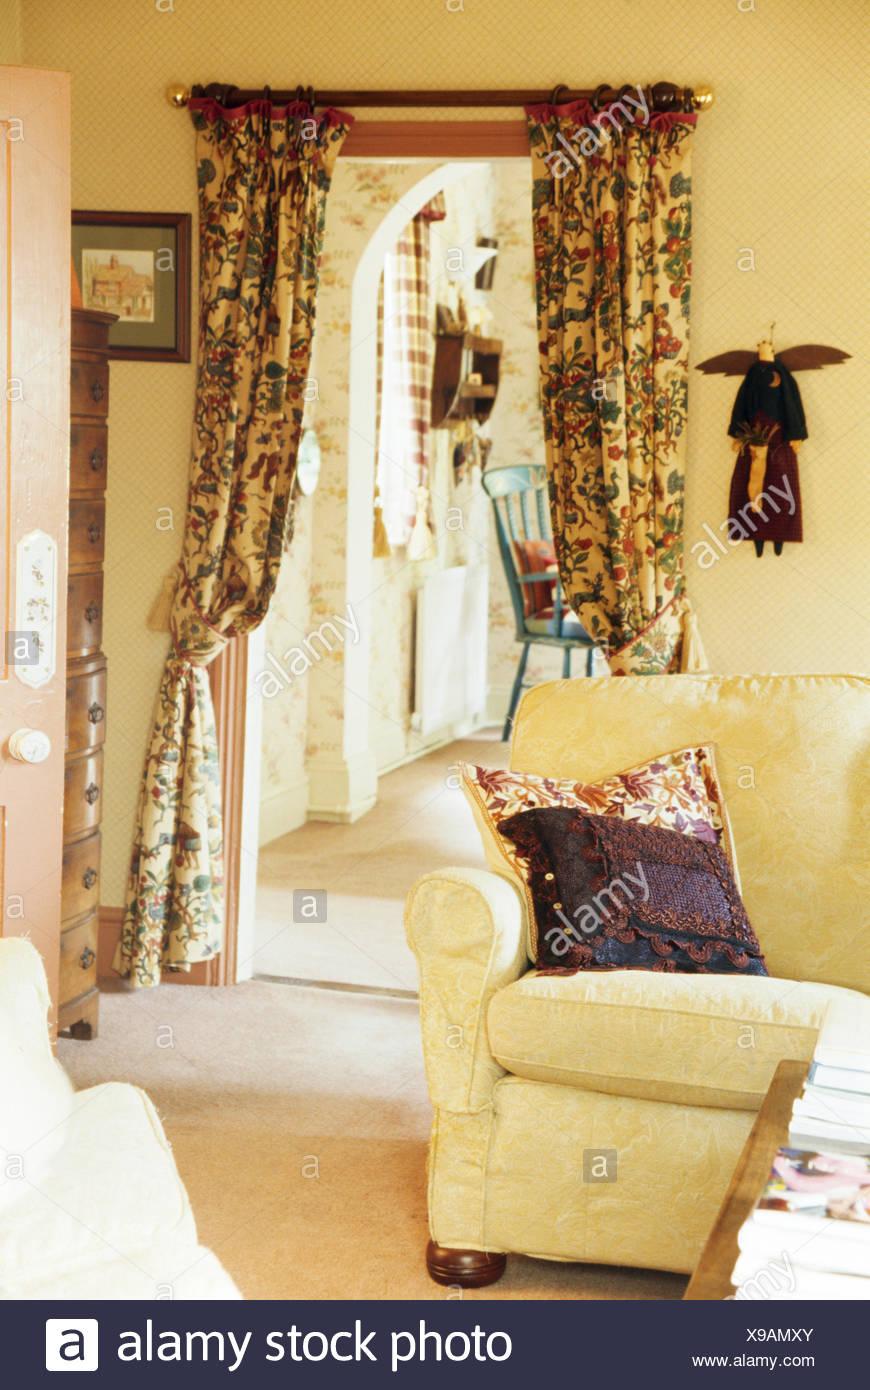 Erstaunlich Im Ferienhaus Wohnzimmer Mit Gemusterten Vorhänge Am Eingang Zum Kleinen  Saal Sahne Sofa